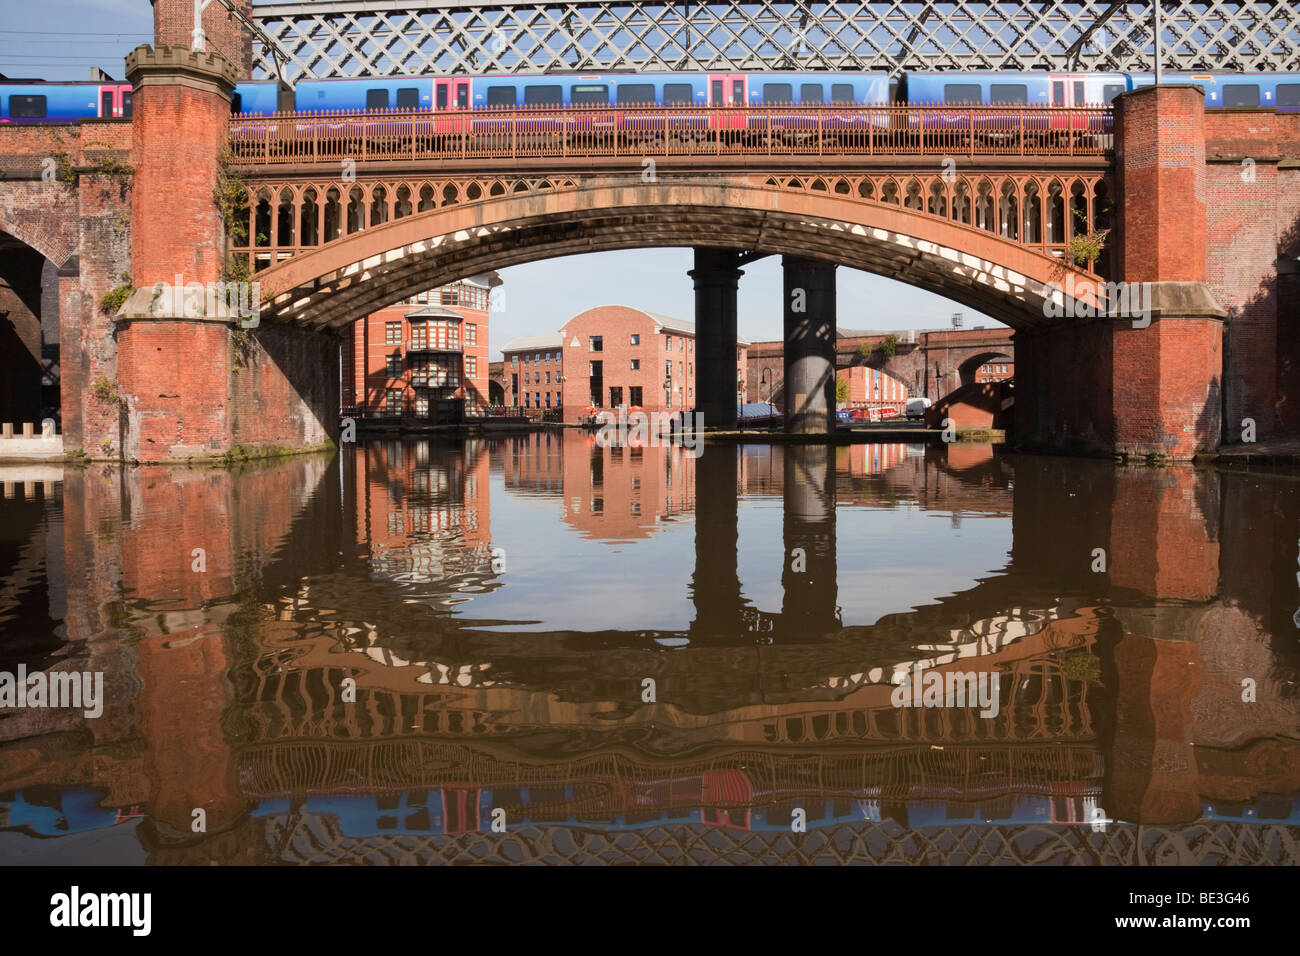 Passage à niveau train viaduc ferroviaire victorien Pont sur canal de Bridgewater dans le Castlefield Urban Heritage Park de conservation. Manchester, Angleterre, Royaume-Uni. Banque D'Images